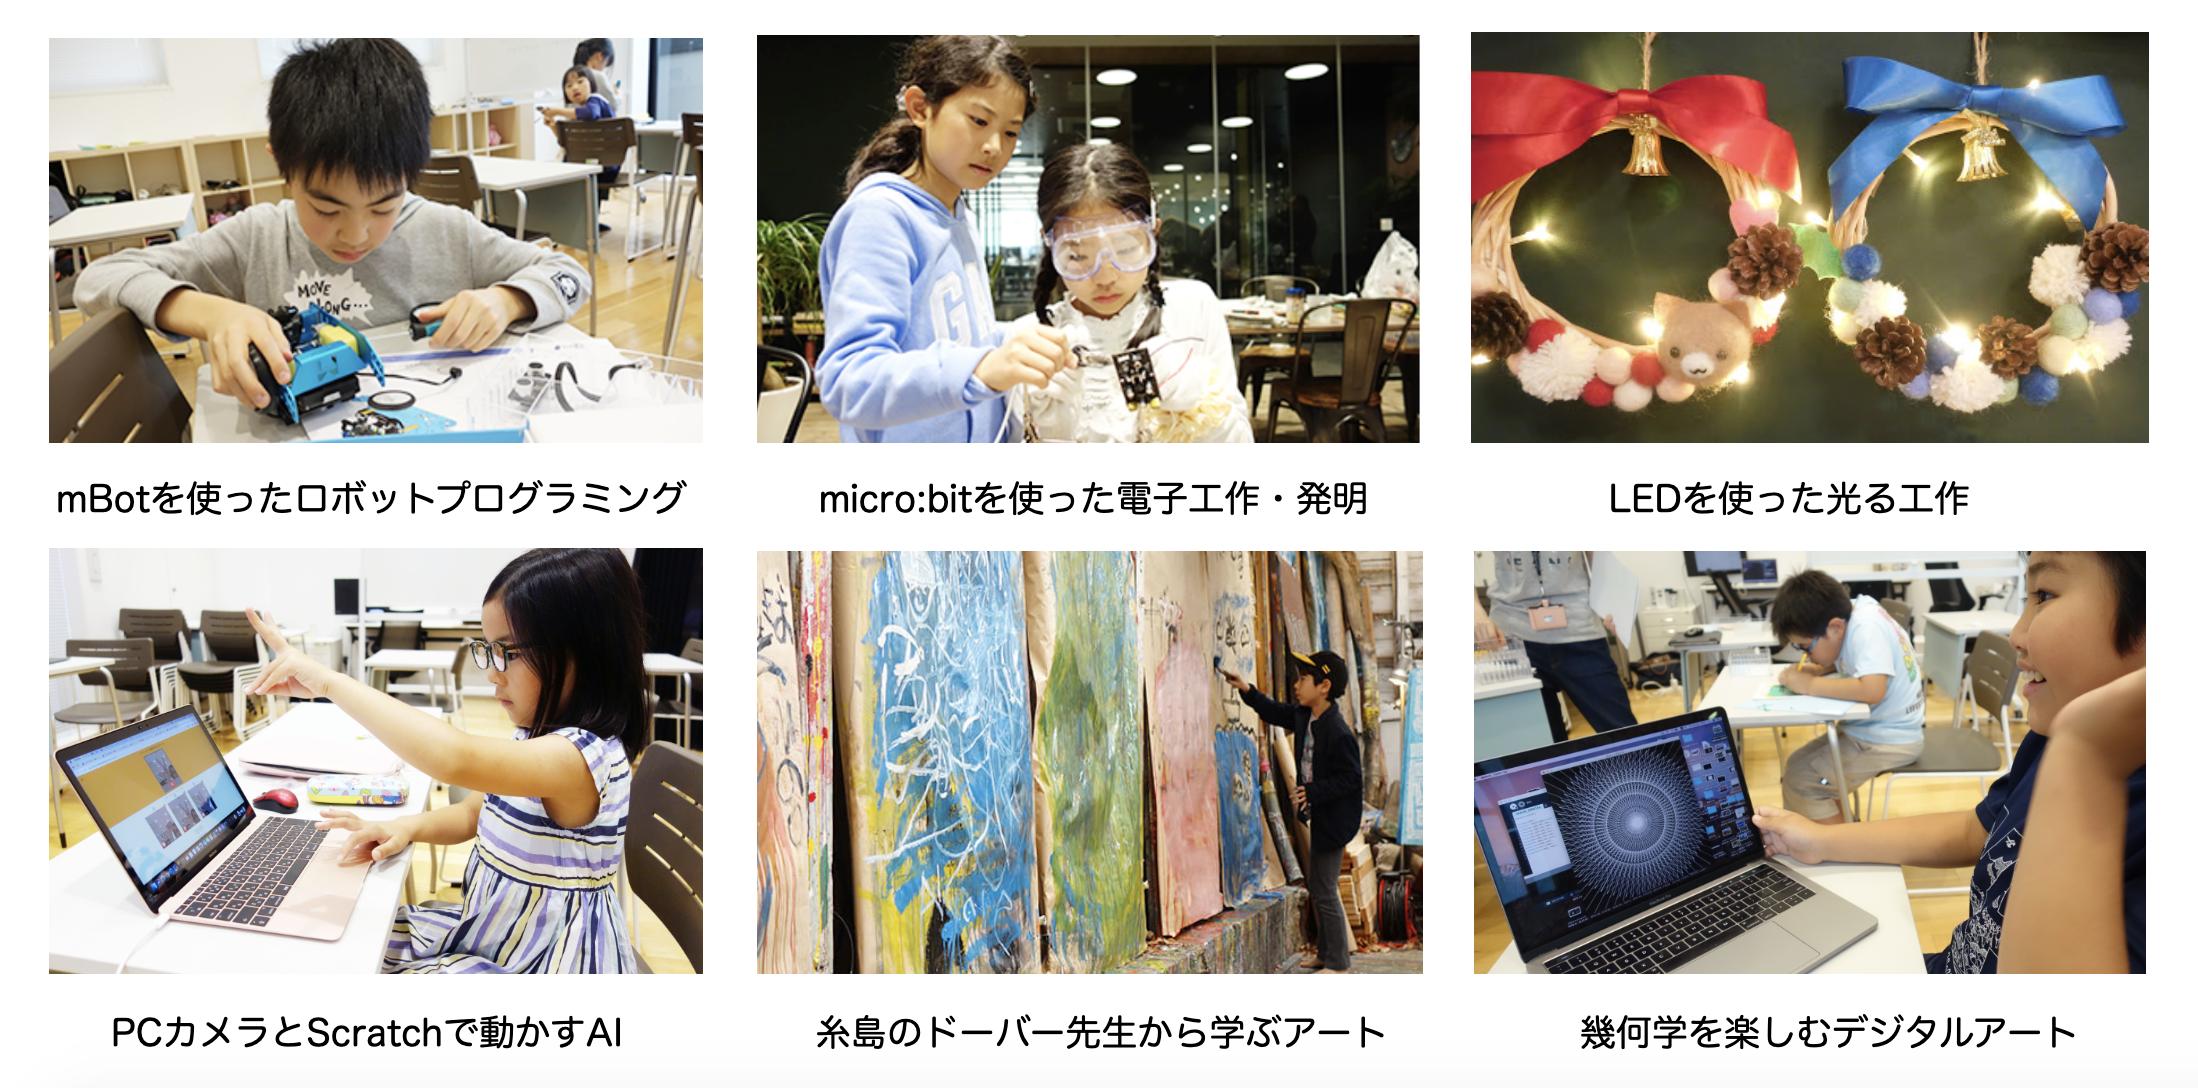 mBotを使ったロボットプログラミング、micro:bitを使った電子工作・発明、LEDを使った光る工作、PCカメラとScratchで動かすAI、糸島のドーバー先生から学ぶアート、幾何学を楽しむデジタルアート